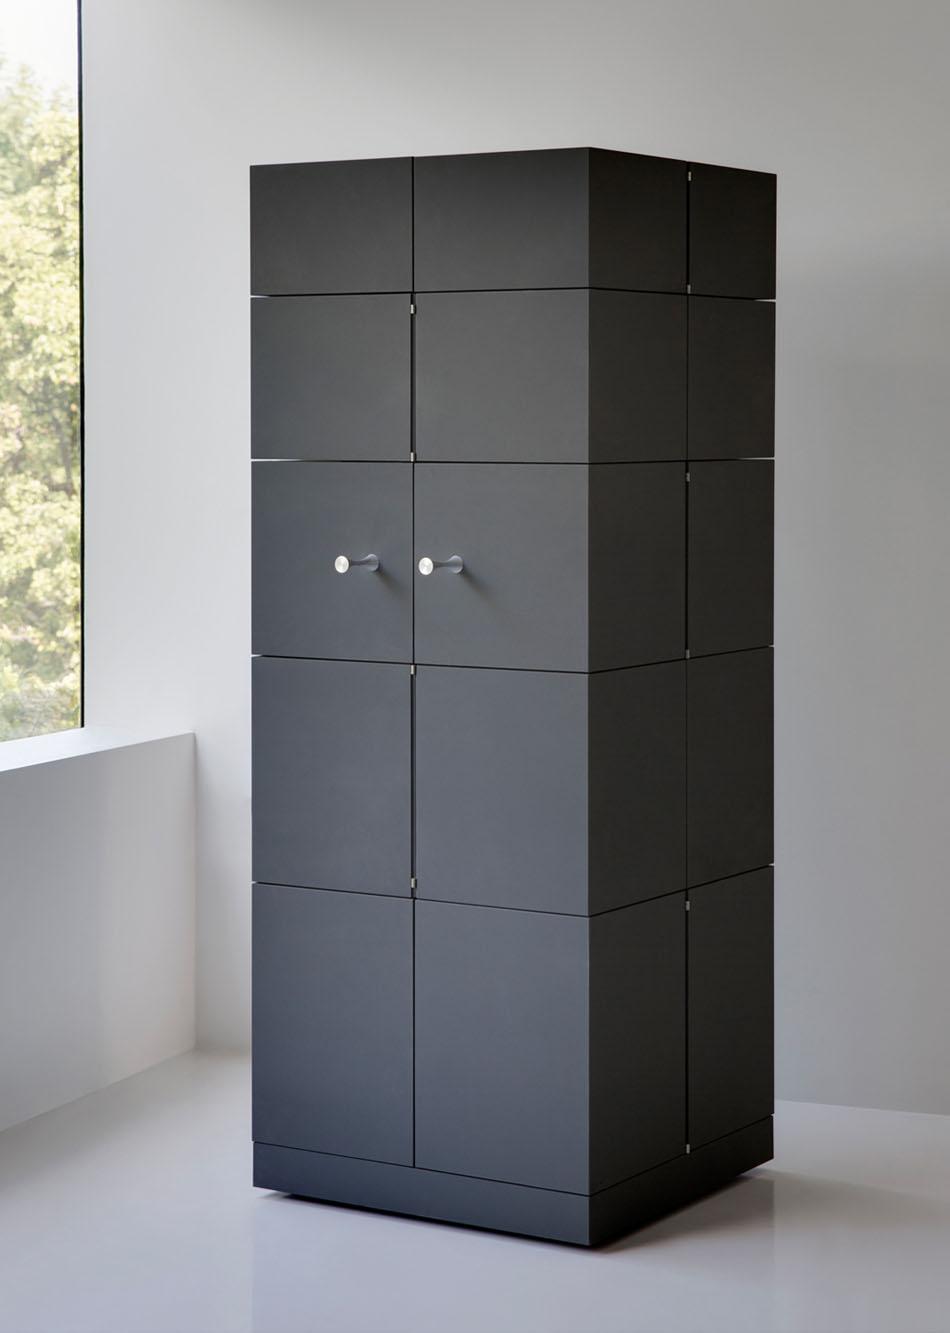 Дизайнерский шкаф в интерьере дома: высота шкафа Cubrick Decanter - 160 см